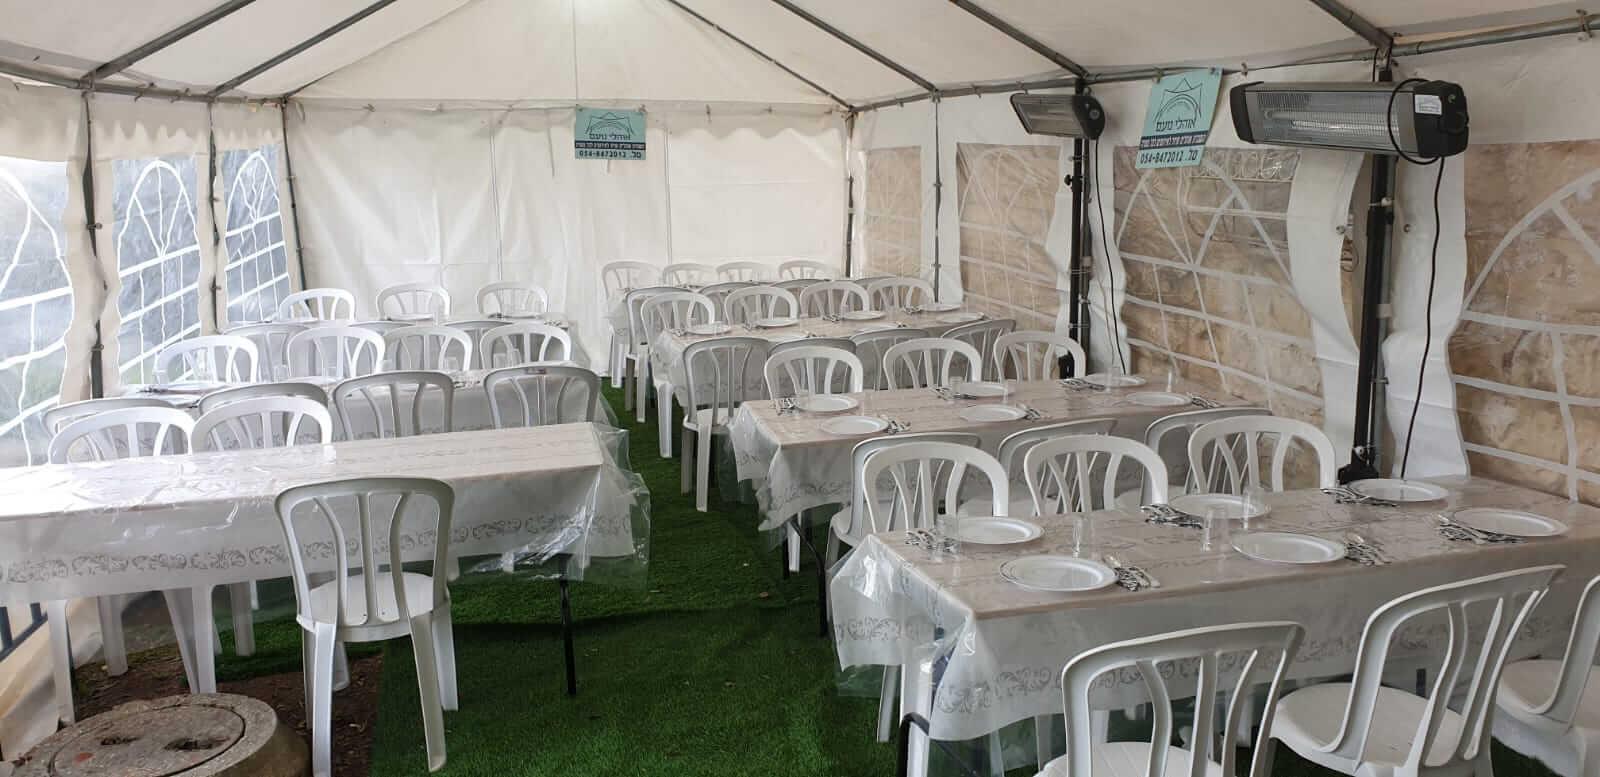 השכרת אוהל אבלים במזכרת בתיה